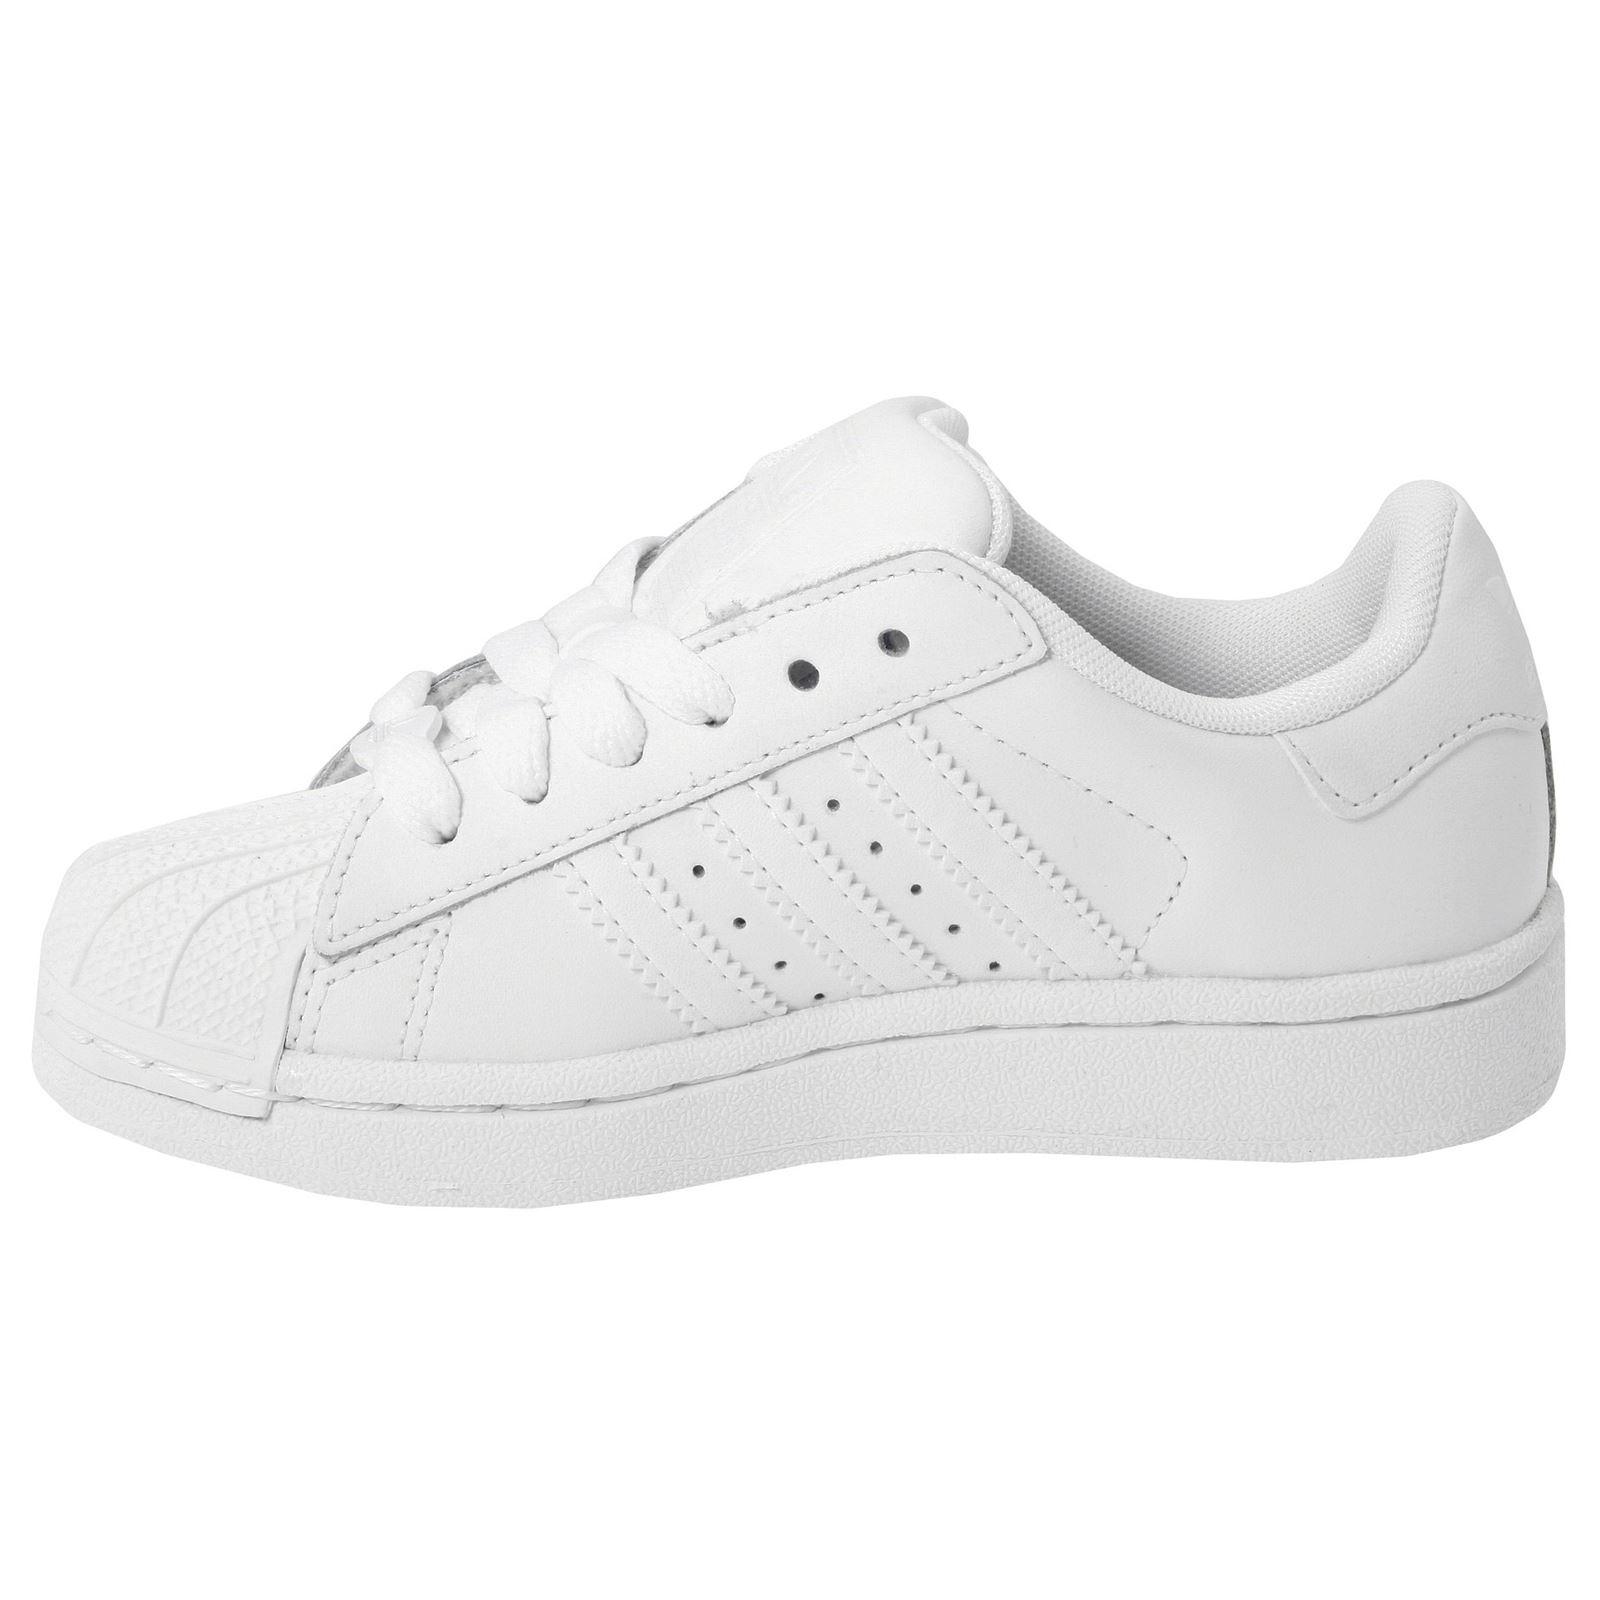 Adidas Superstar ii c White